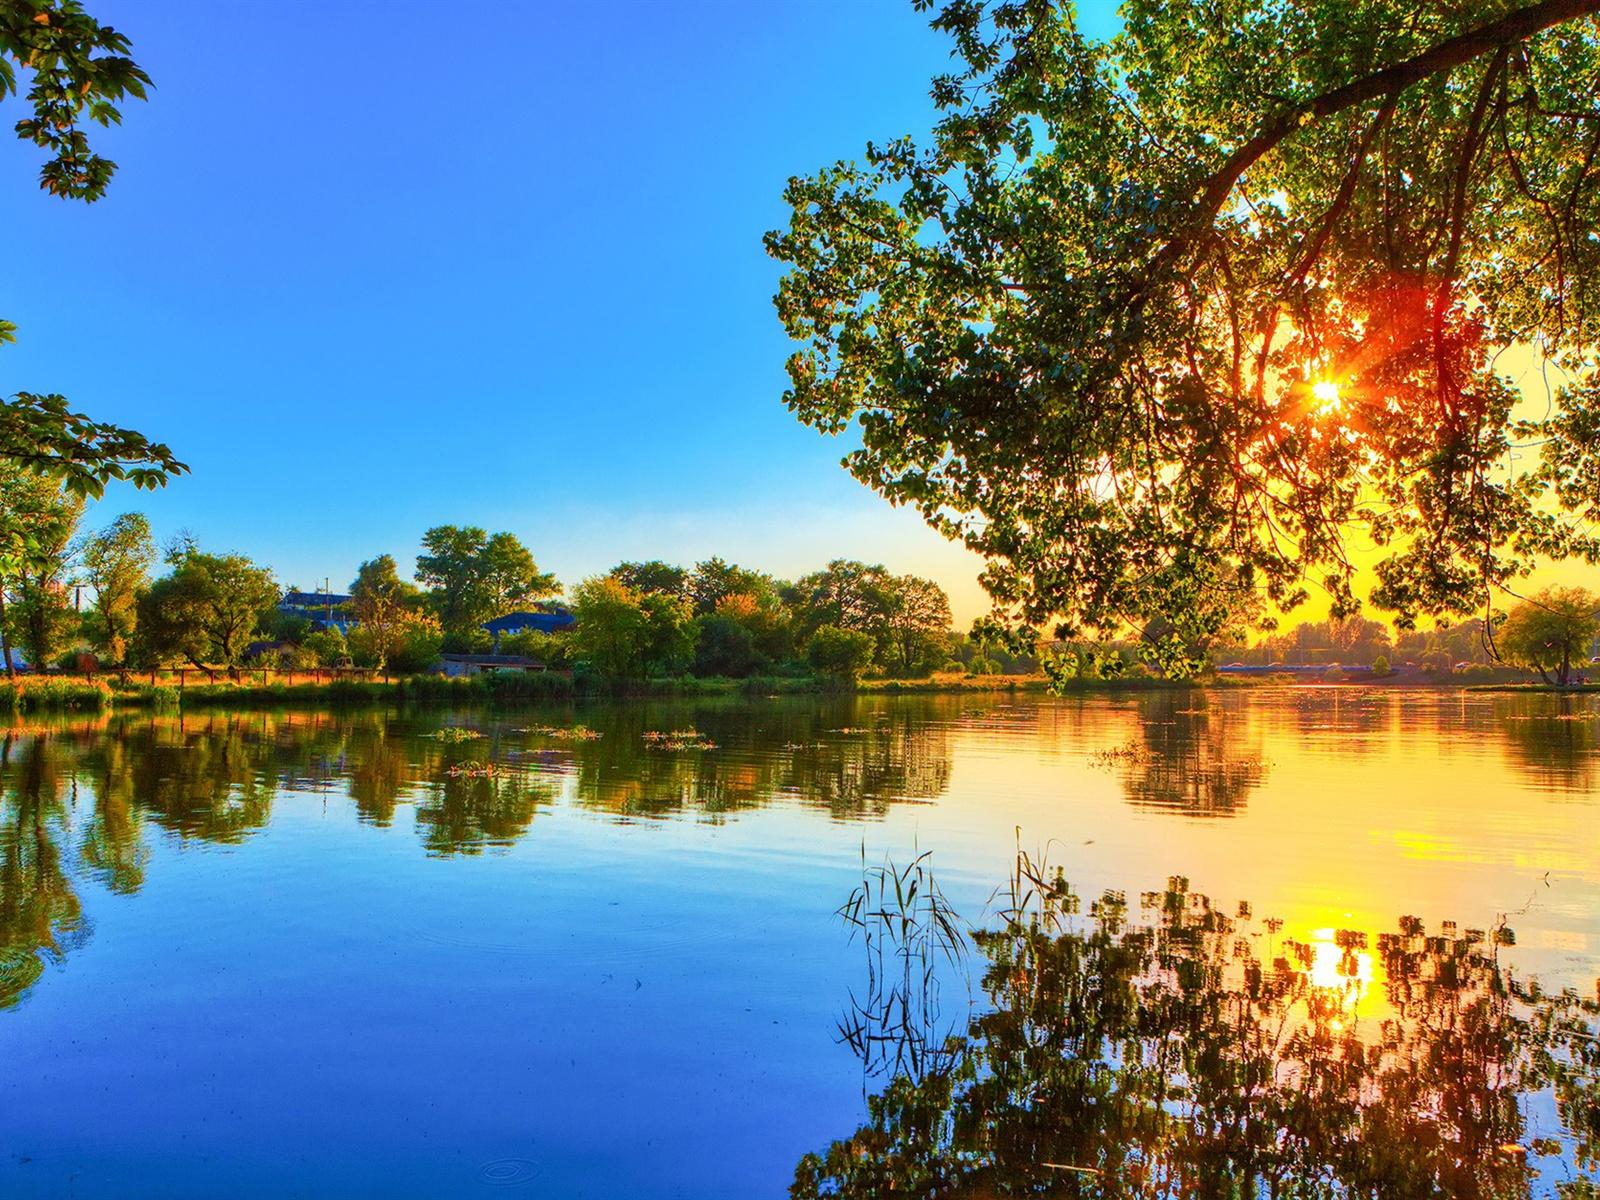 fonds d 39 cran t l charger 1600x1200 printemps coucher du soleil r flexion lac d 39 eau arbres. Black Bedroom Furniture Sets. Home Design Ideas